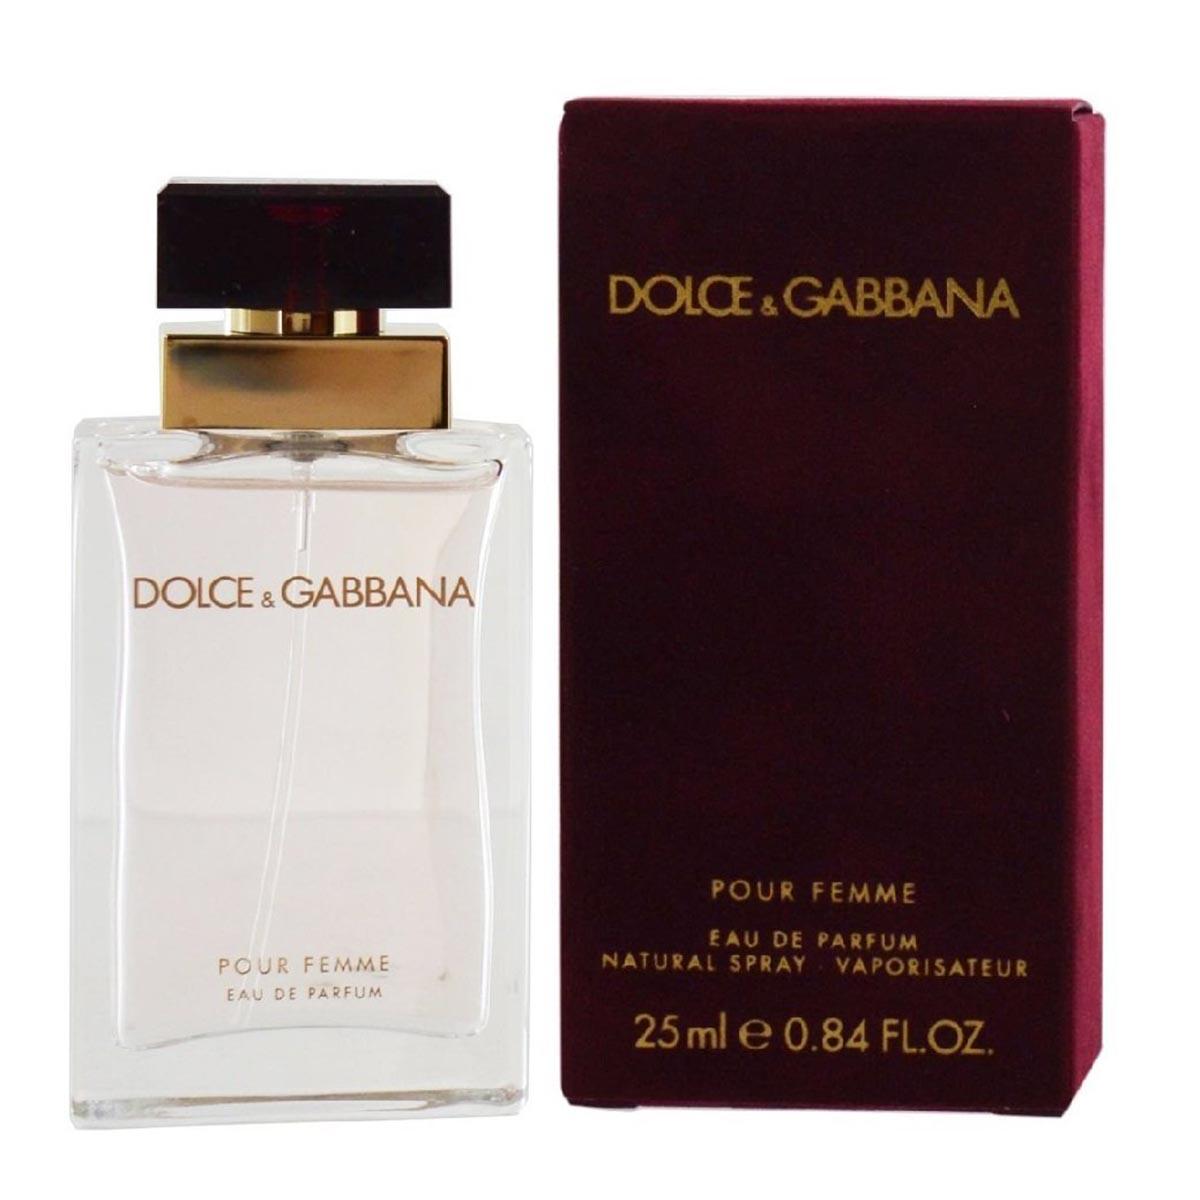 Dolce gabbana femme eau de parfum 25ml vaporizador